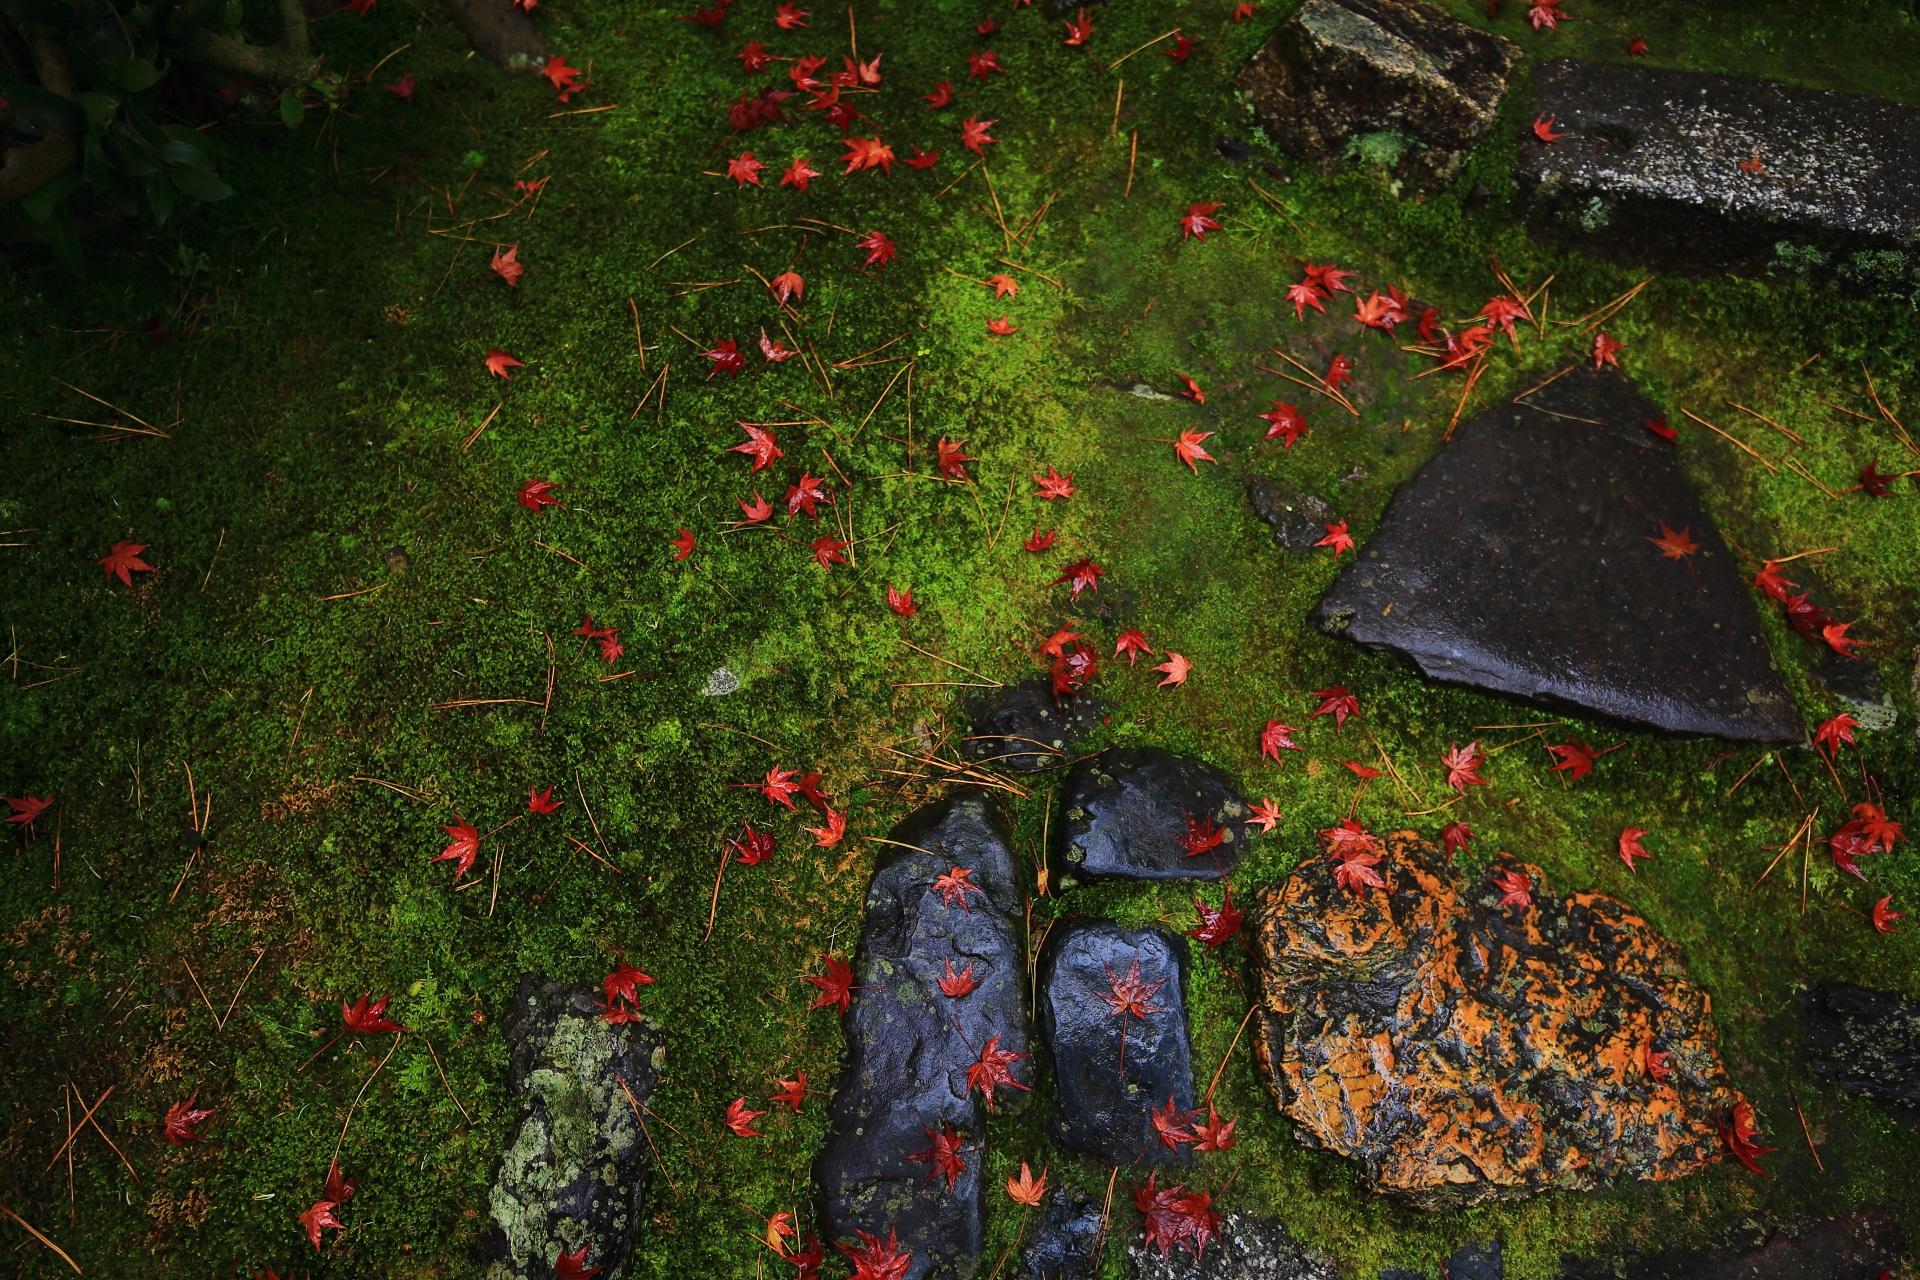 雨に濡れた苔や岩を秋色に染める桂春院の散り紅葉